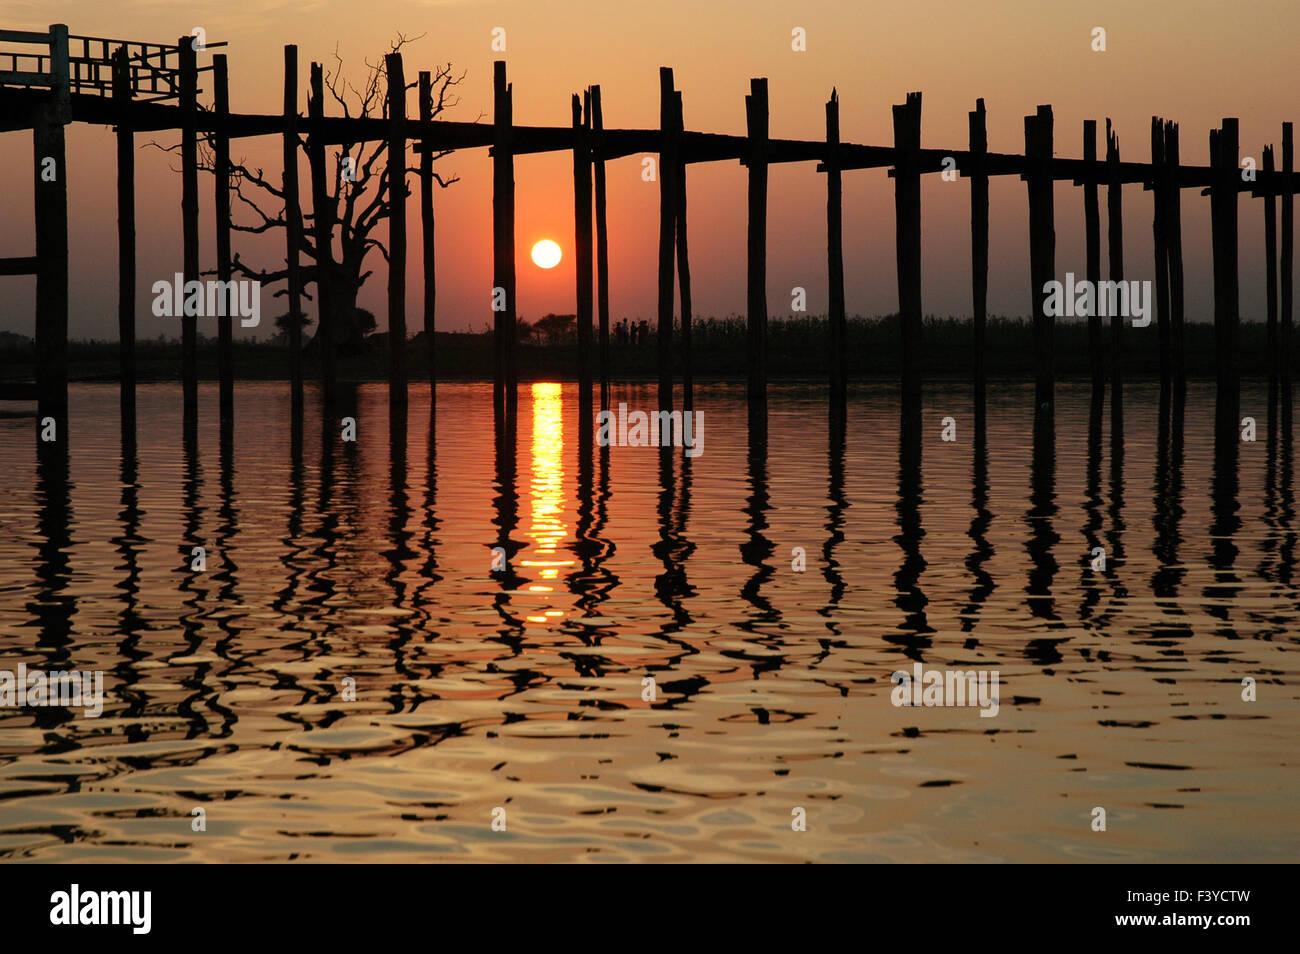 U Bein Bridge sans réflexion les gens au coucher du soleil, Amarapura, Mandalay, Myanmar Photo Stock